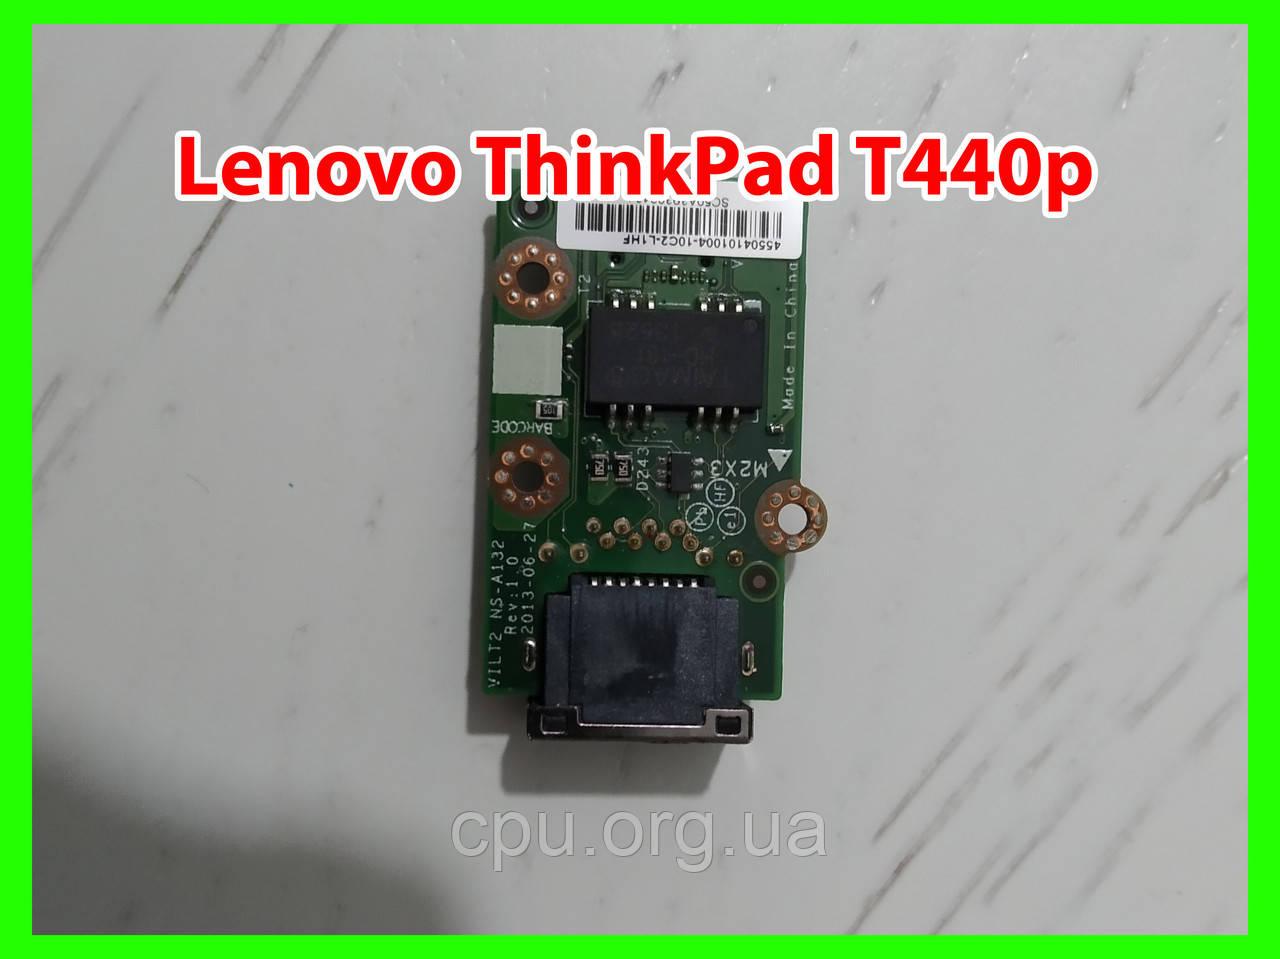 Плата мережі lan port Lenovo ThinkPad T440p